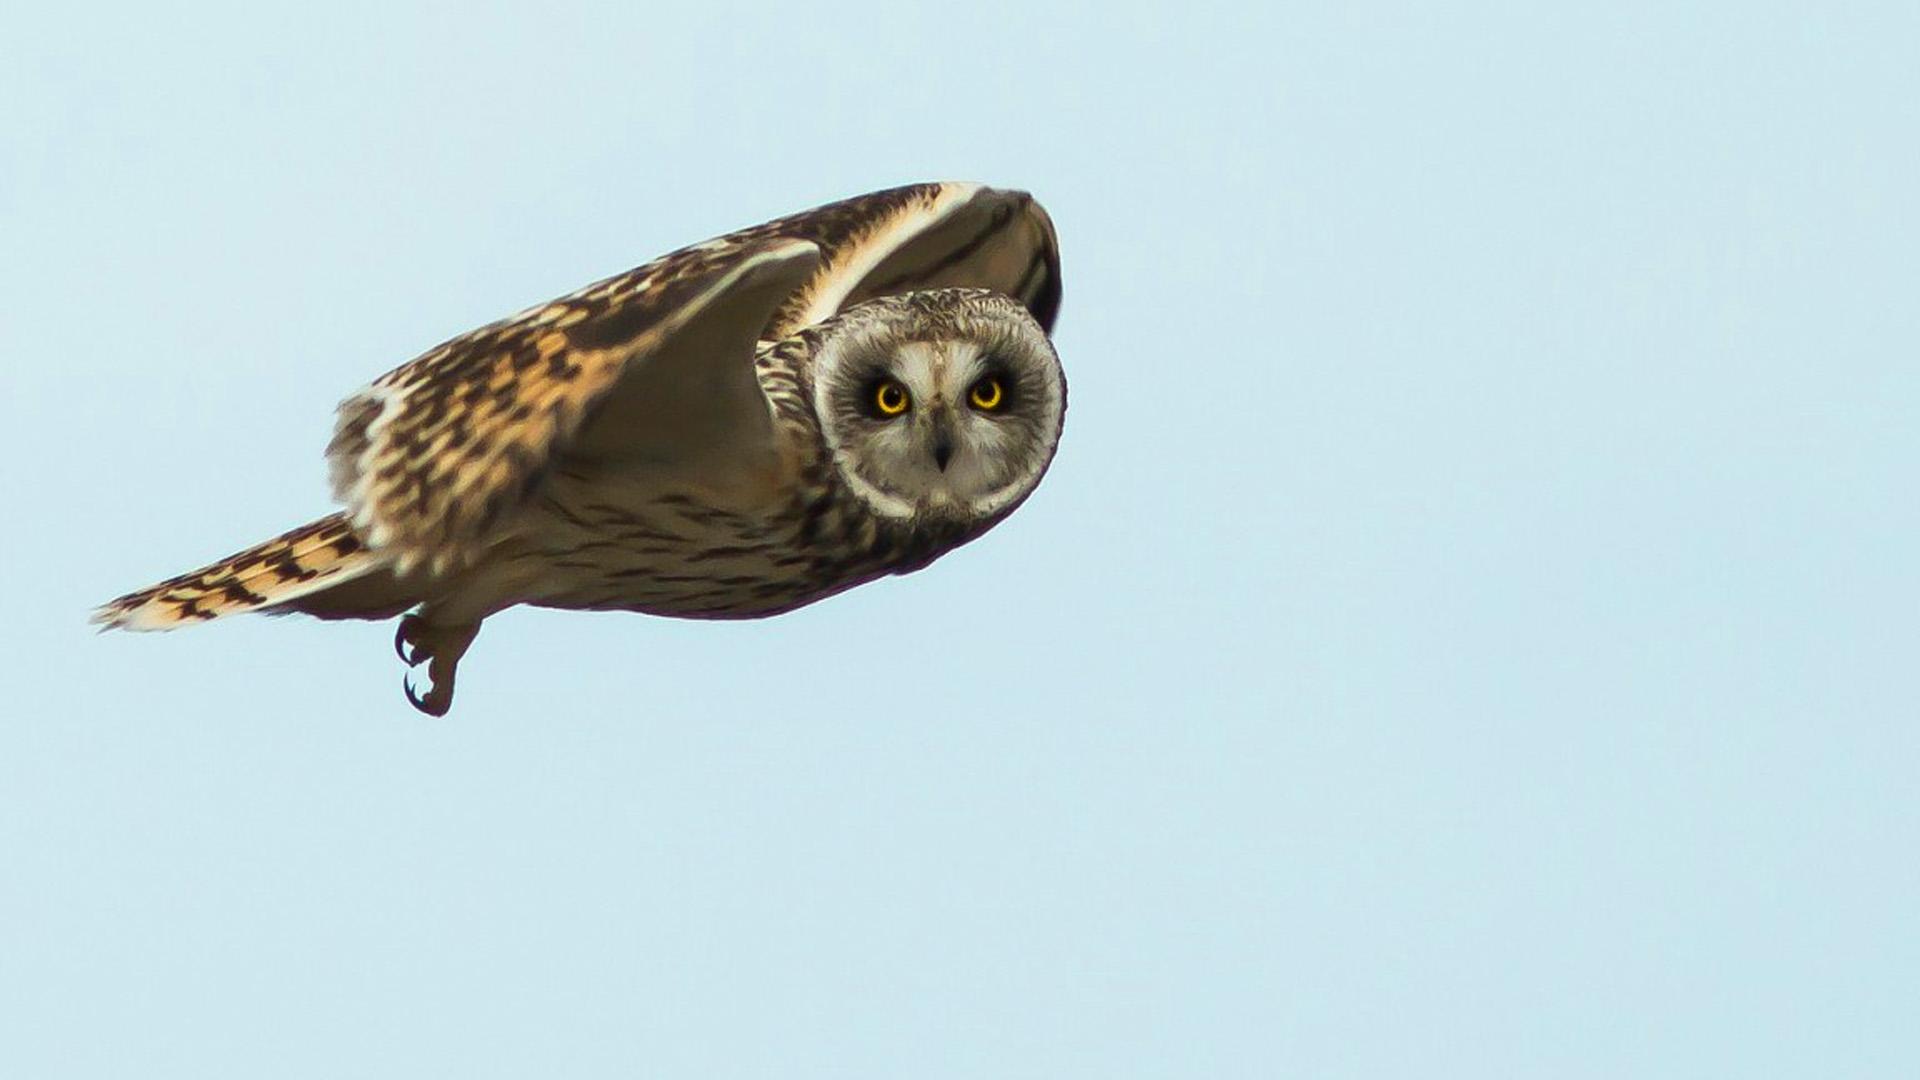 Flying Owl 1920x1080